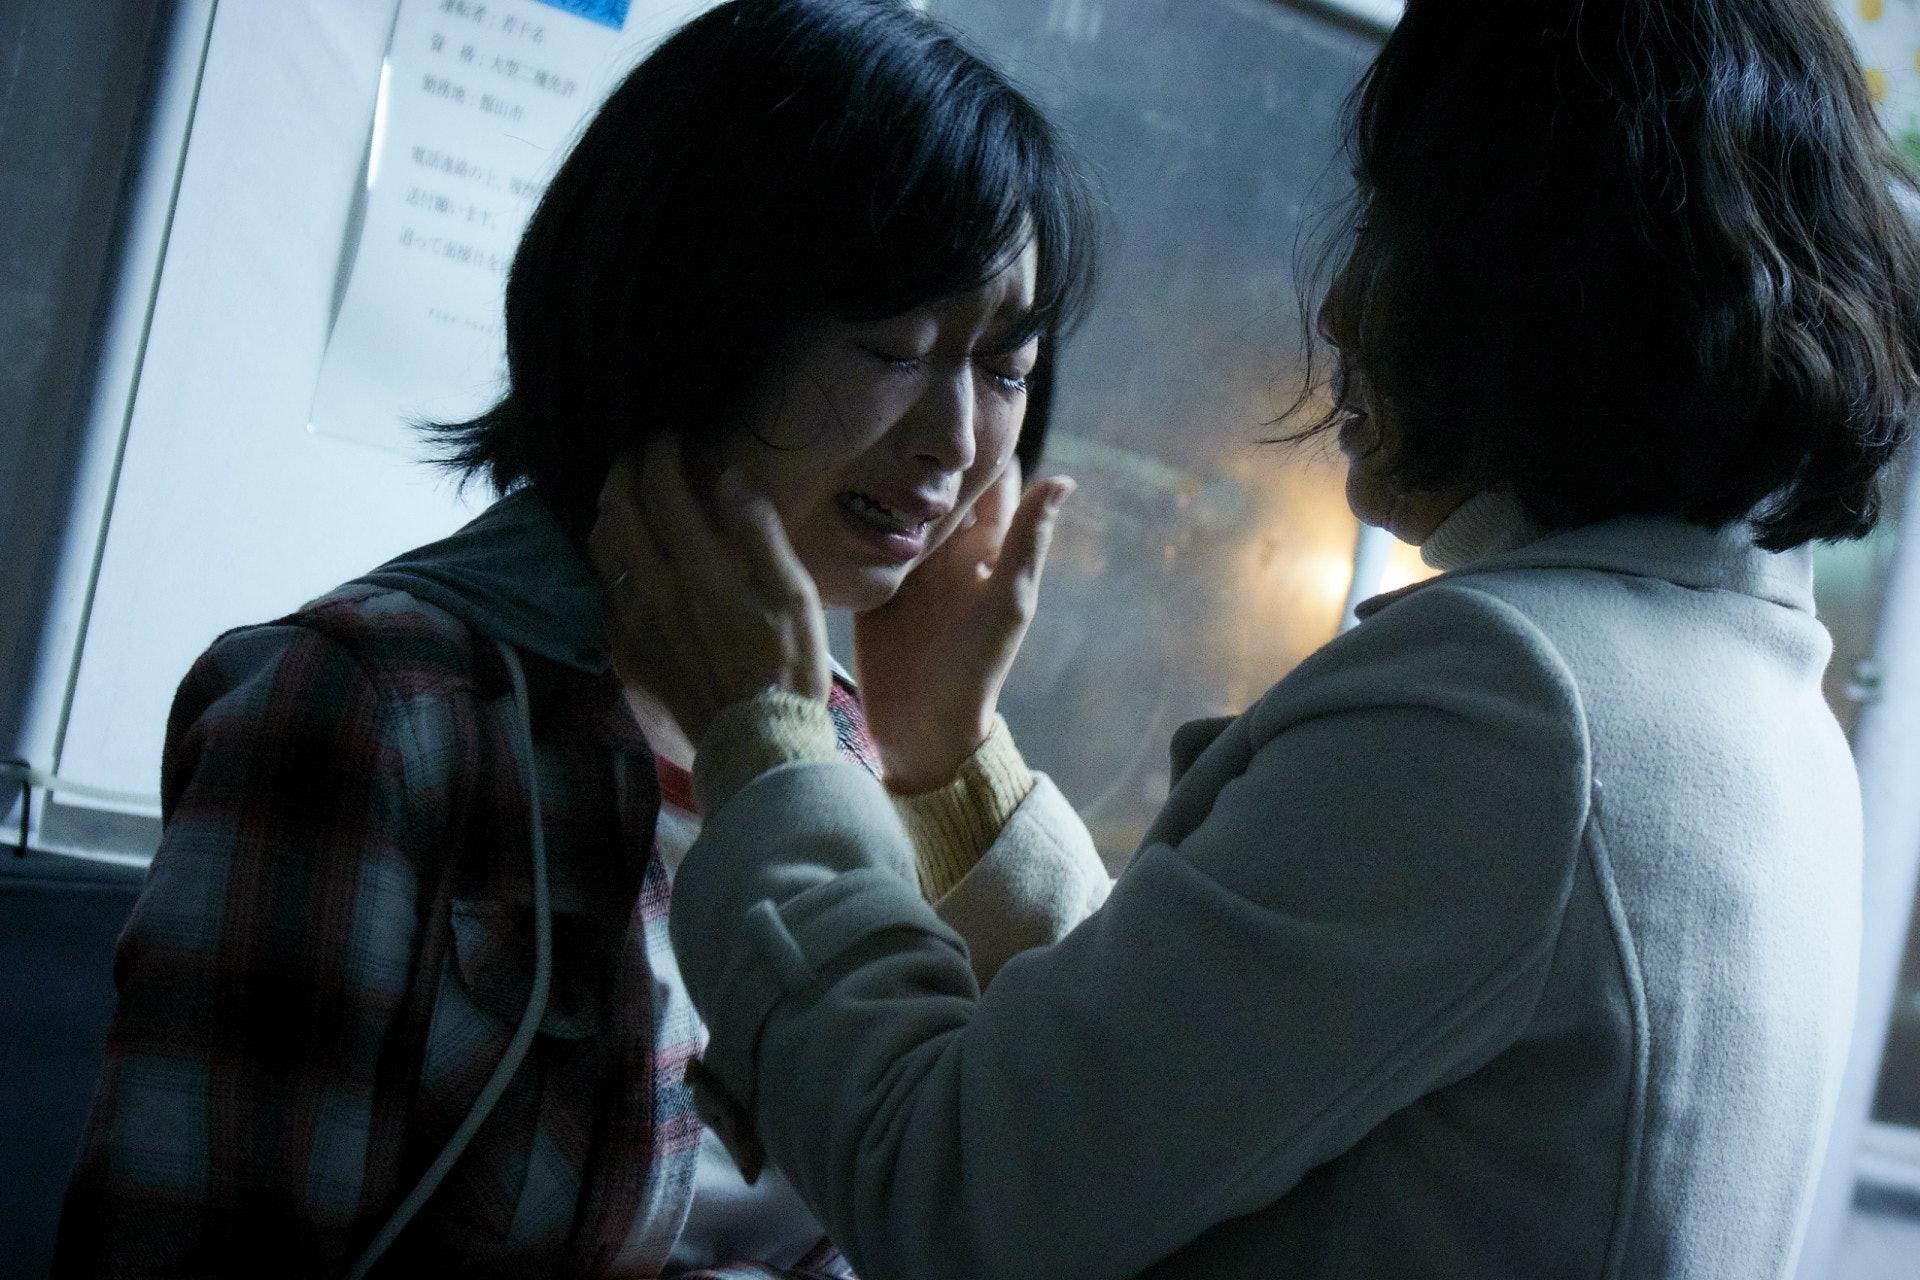 佐佐木隱瞞家人投身AV業,面對媽媽的責備時終於崩潰。(劇照)